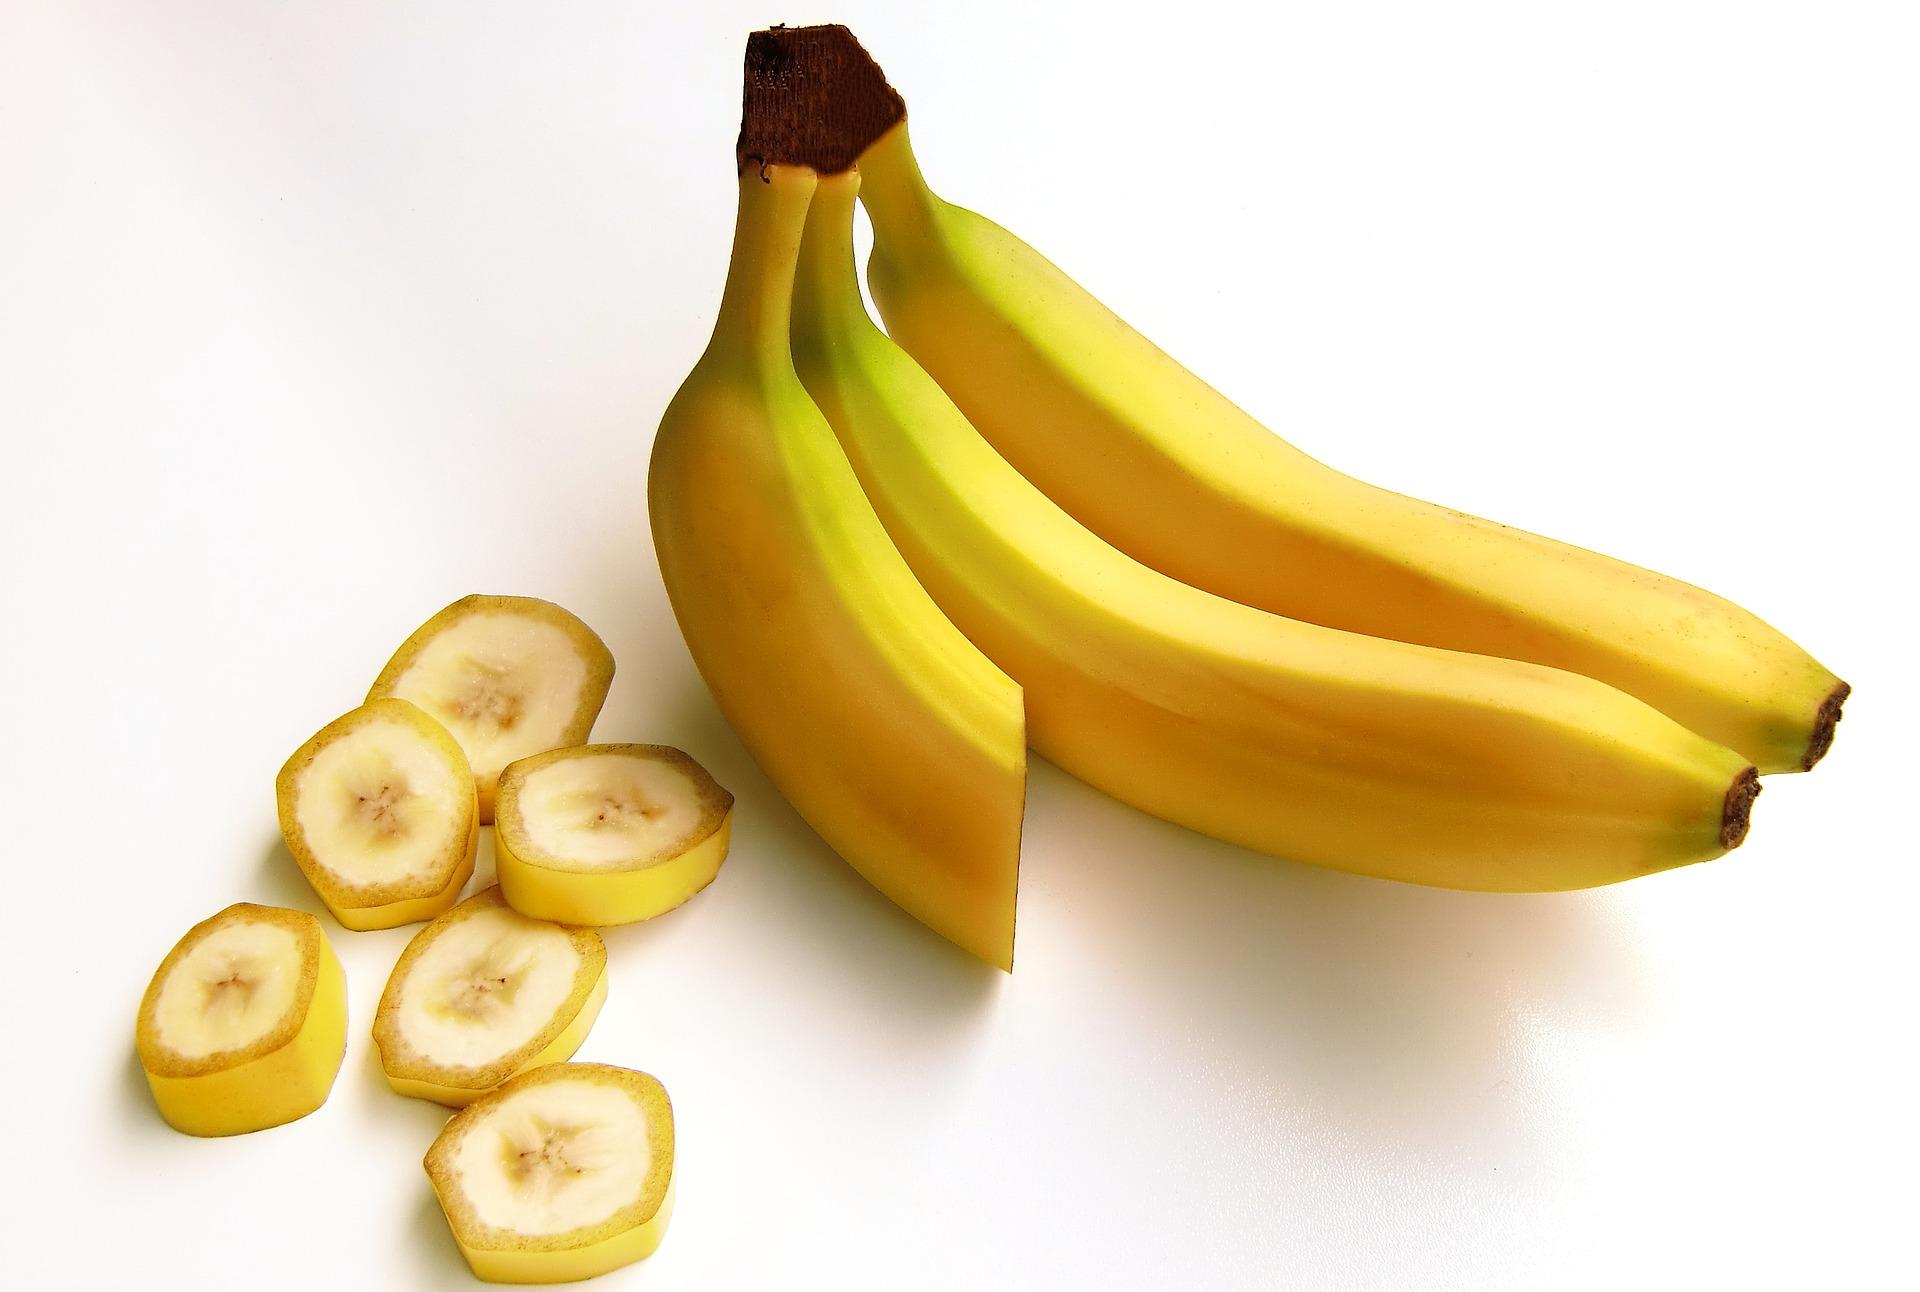 bananas-652497_1920